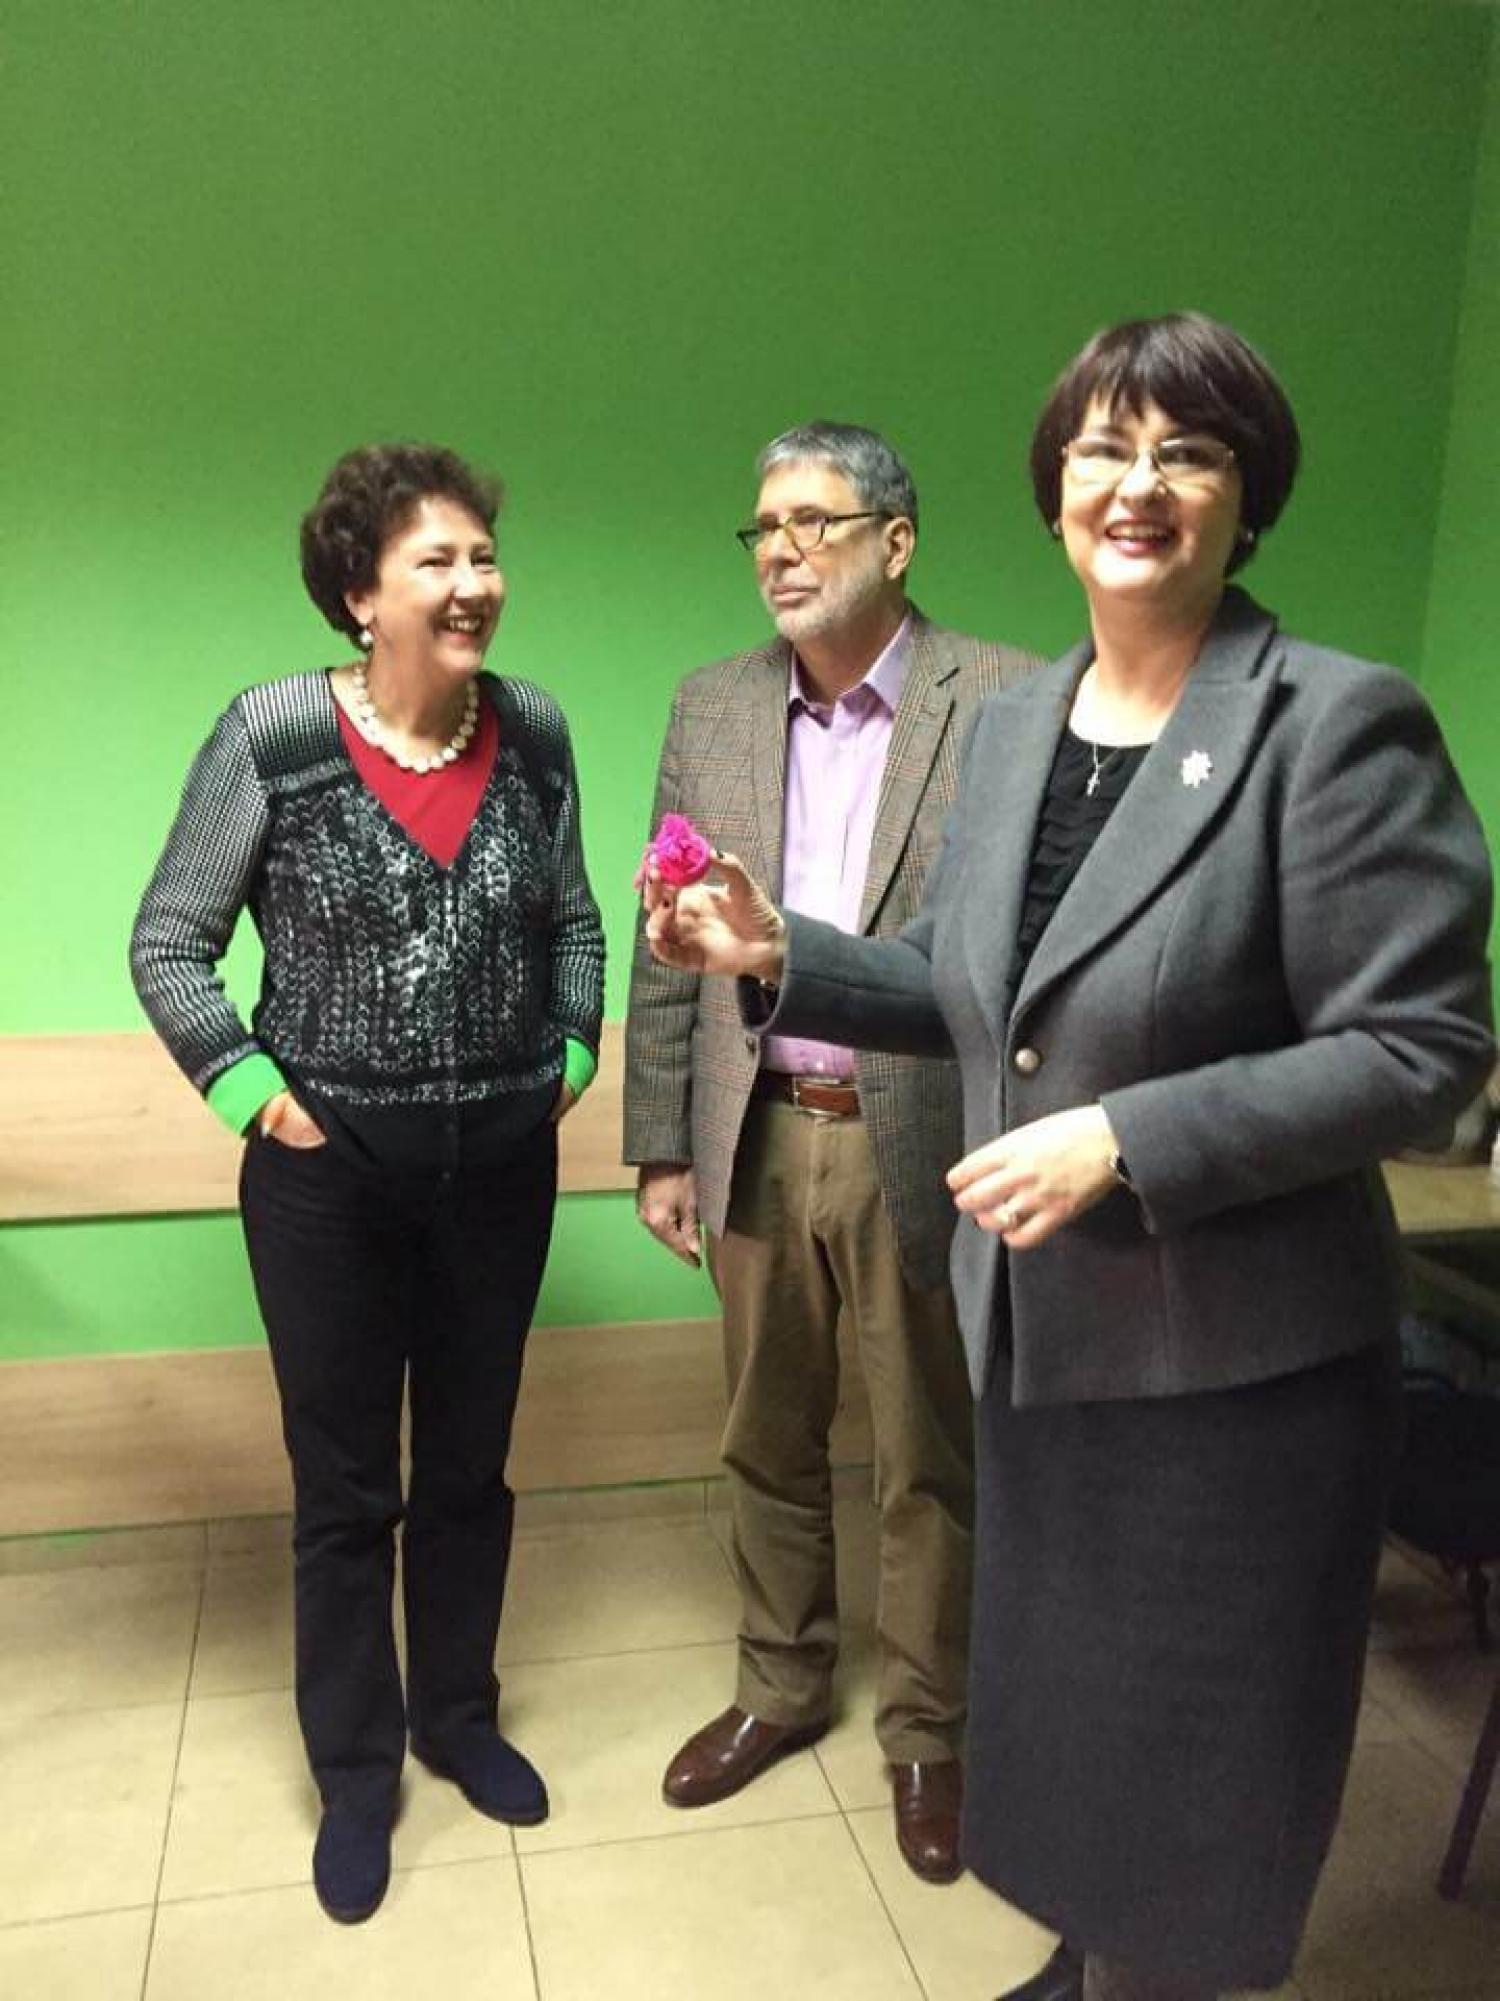 """Fundatia """"Pentru Voi"""" a primit Excelentei Sale, dl. Urs Herren, ambasador al Elvetiei in Romania si a sotiei sale, doamna Esther Megert Herren - 007"""